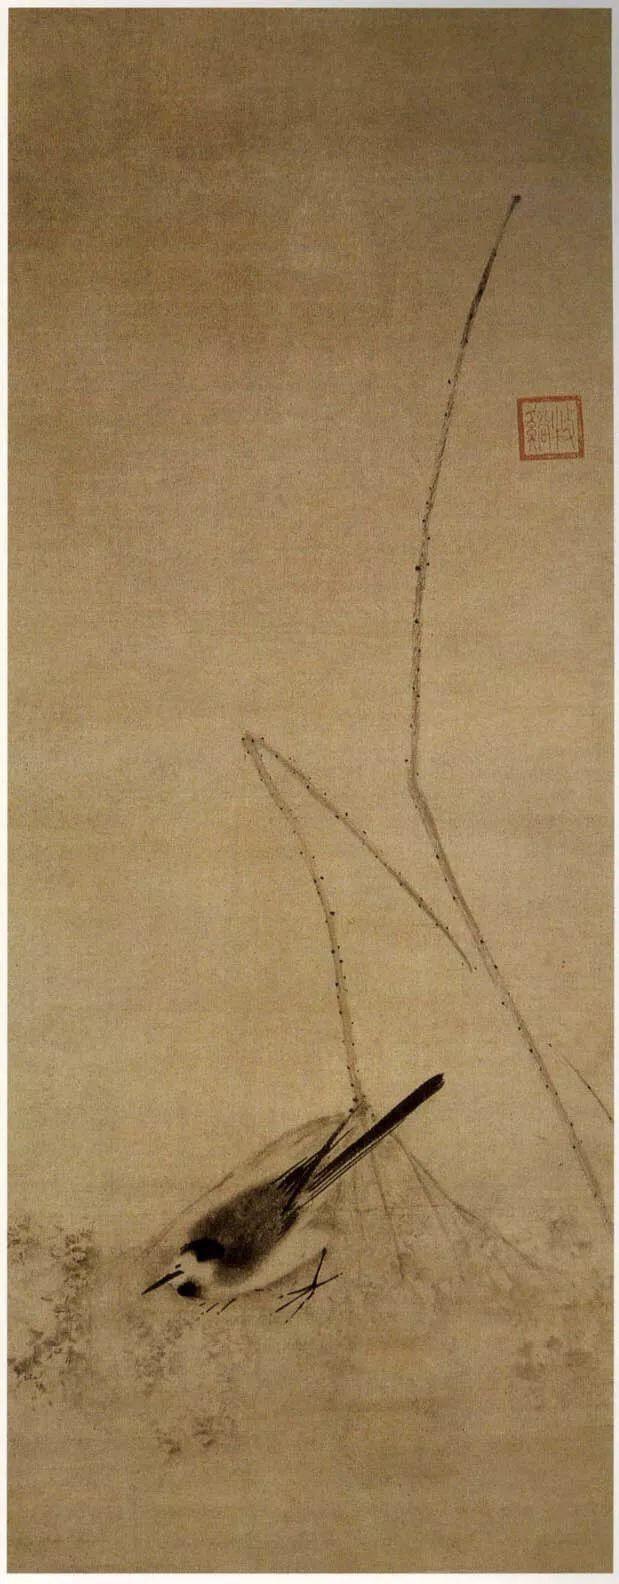 宋 牧溪 鸟荷图 藏于日本 副本